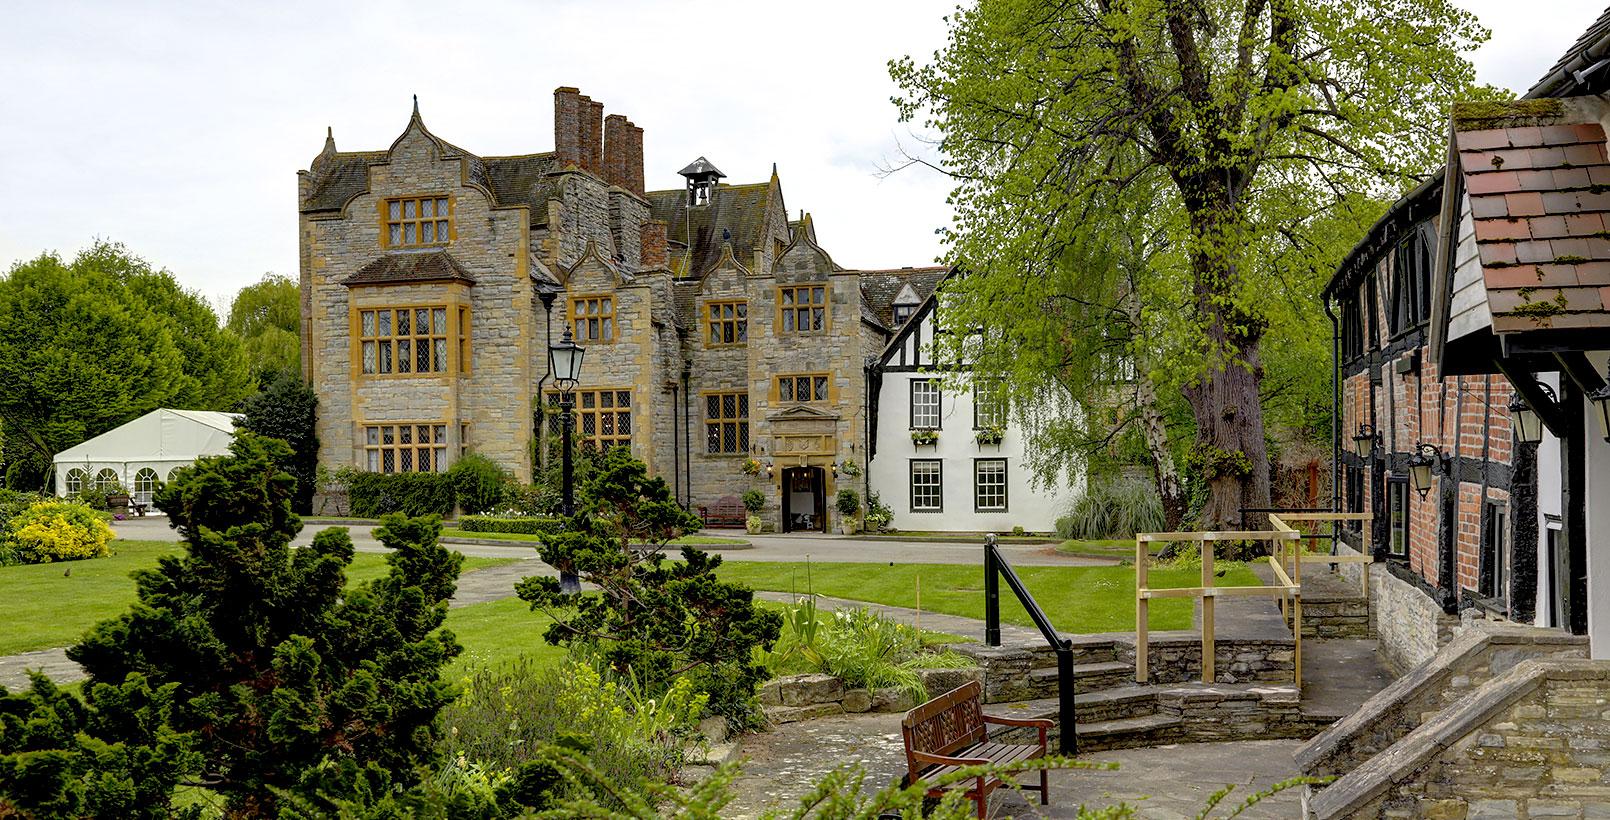 Best Western Hotel Stratford On Avon